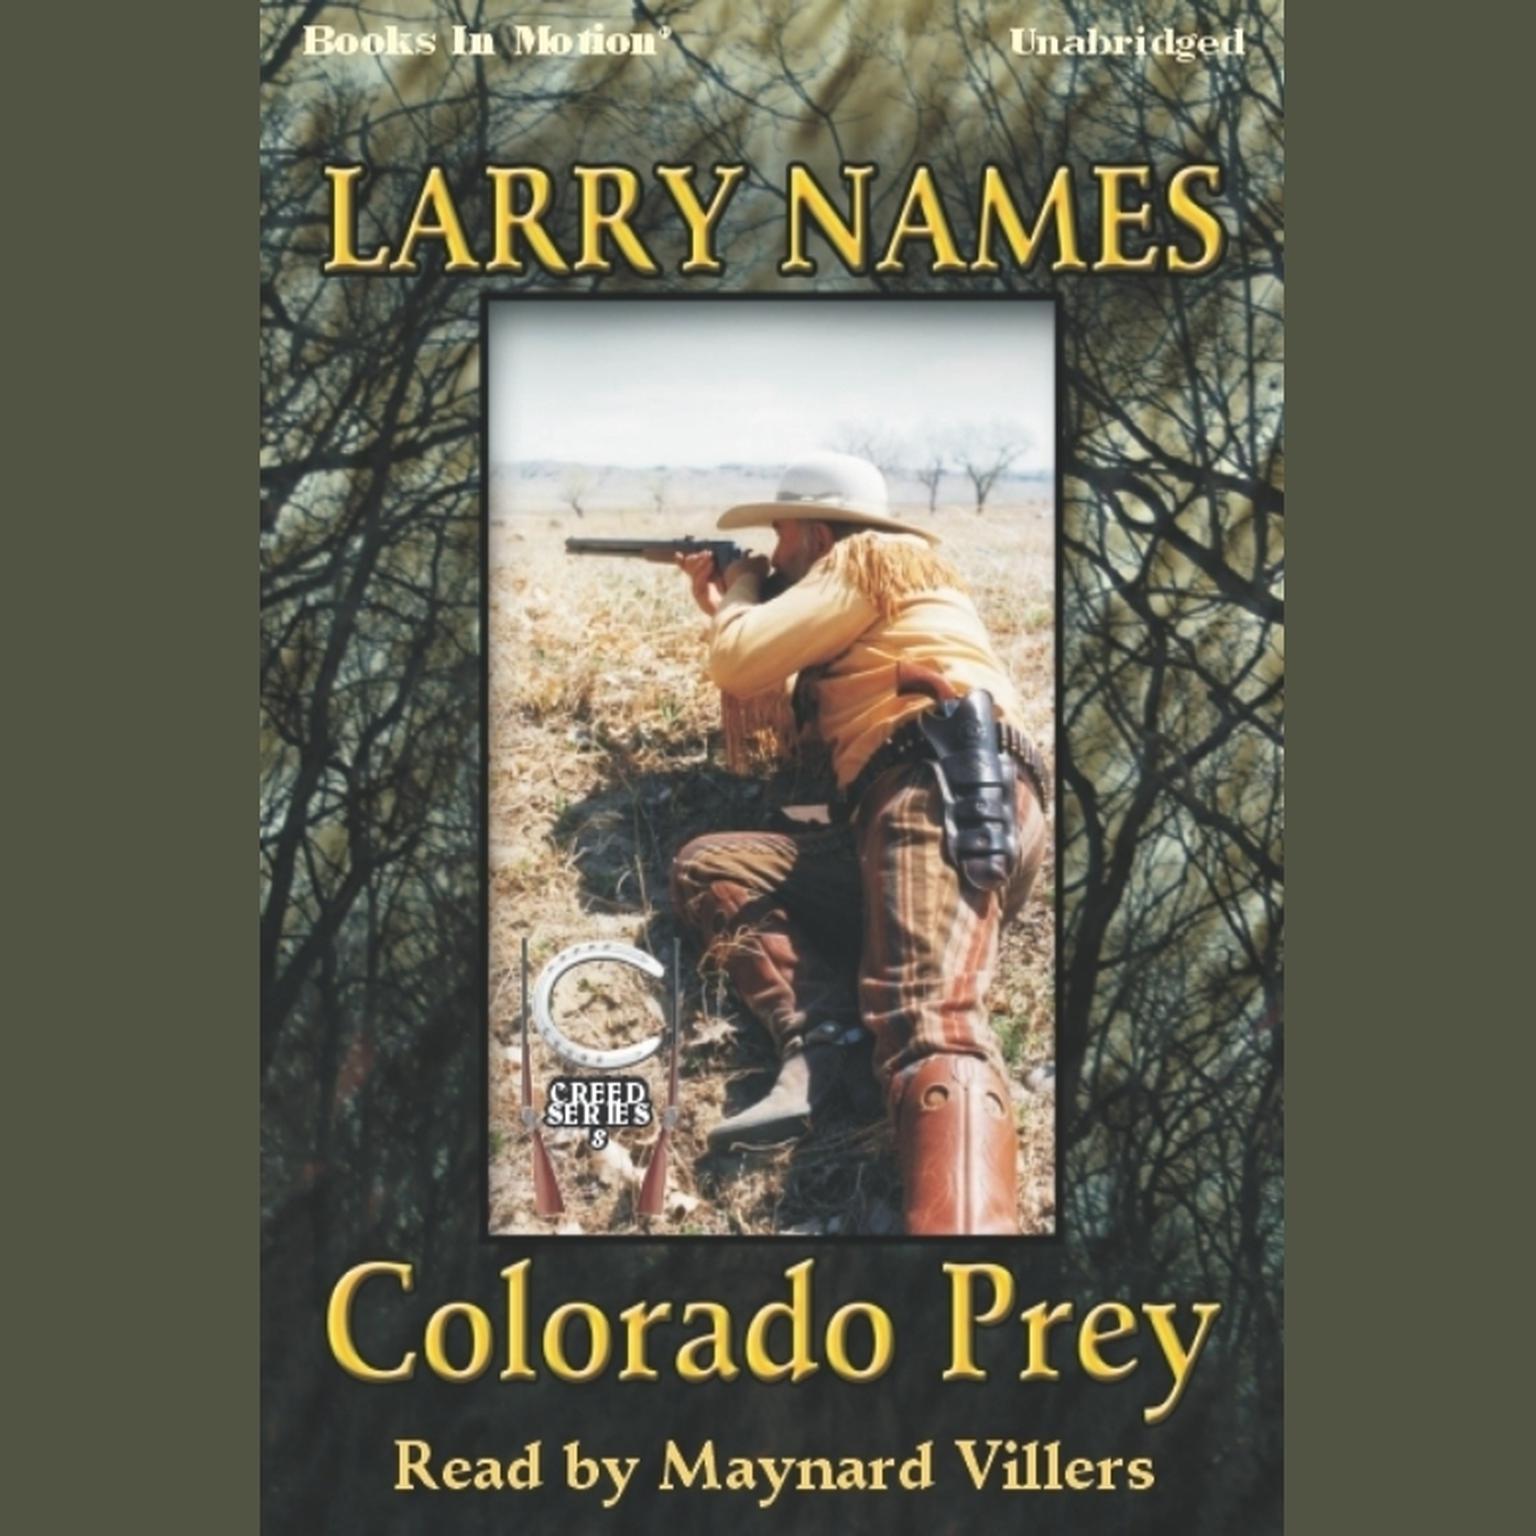 Colorado Prey Audiobook, by Larry Names